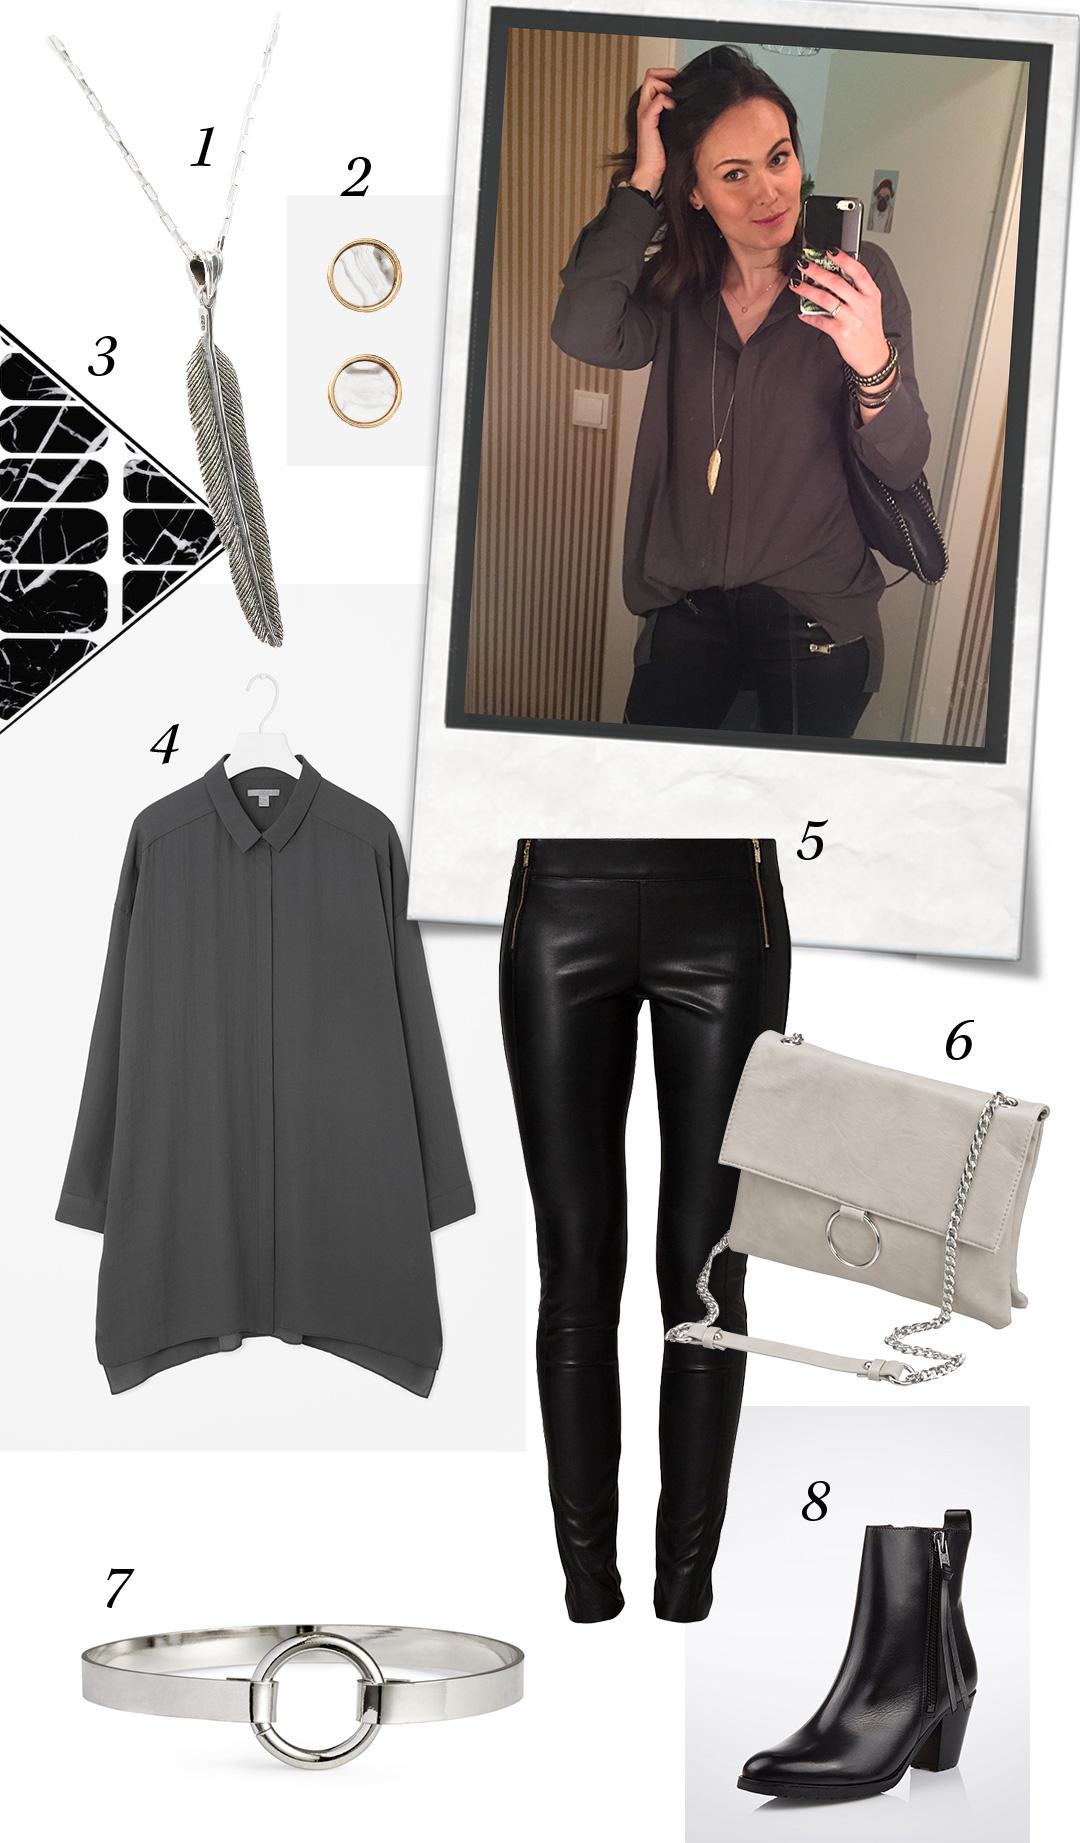 Sarah_Outfit_1